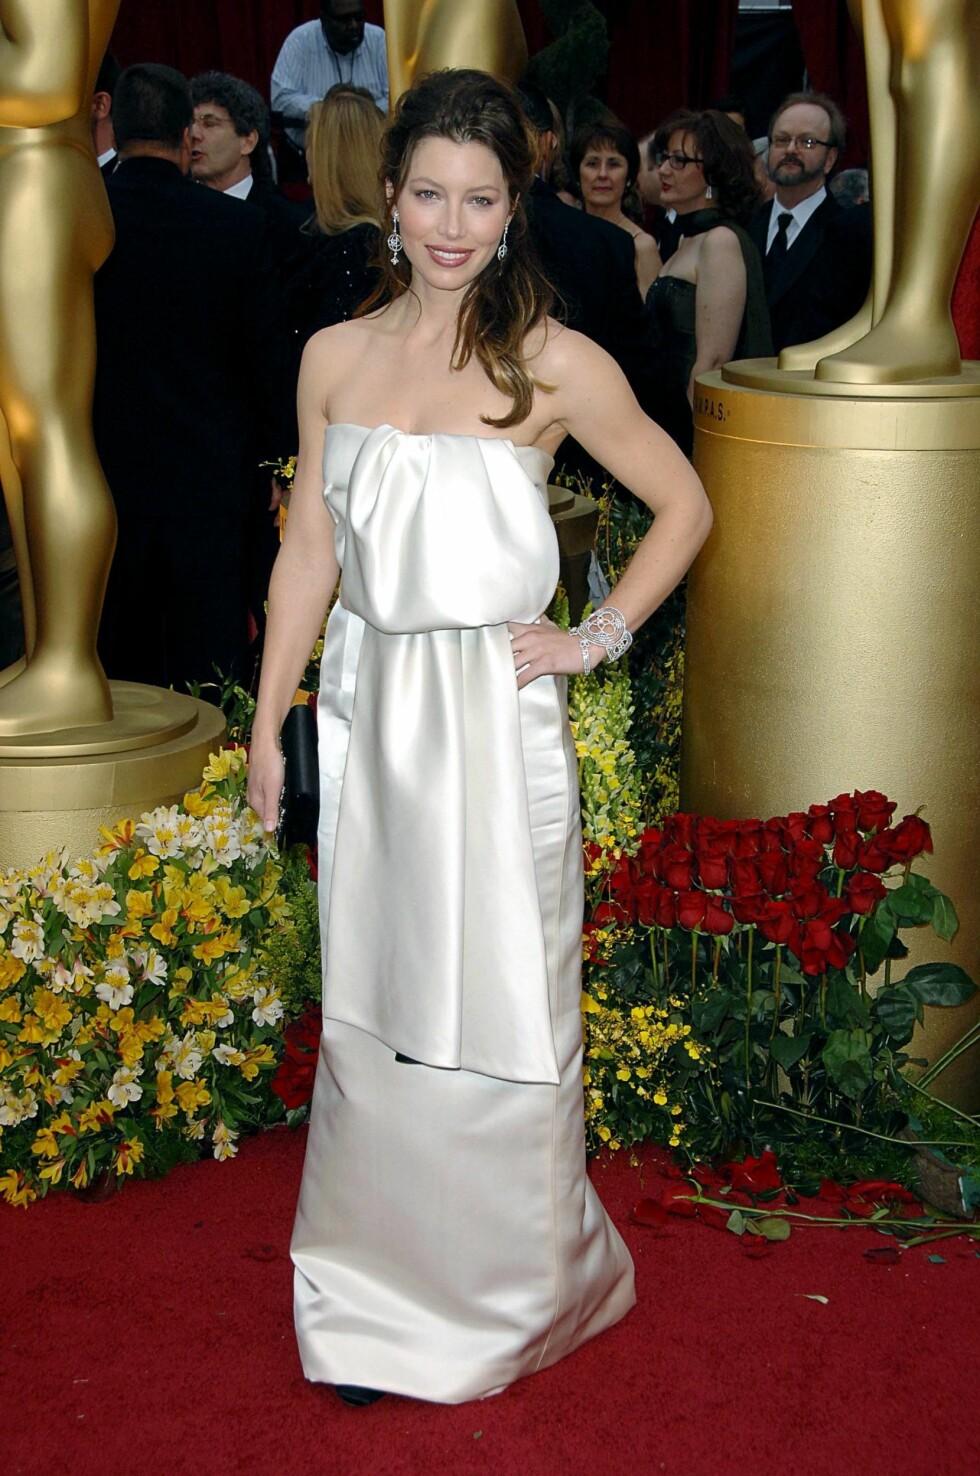 I 2009: Motepressen var ikke nådige i sine vurderinger av Jessica Biels Prada-kjole på Oscar-utdelingen. Kjolen, som minnet litt om et pent opphengt badehåndkle, skjulte fremfor å fremheve den flotte figuren hennes. Foto: All Over Press